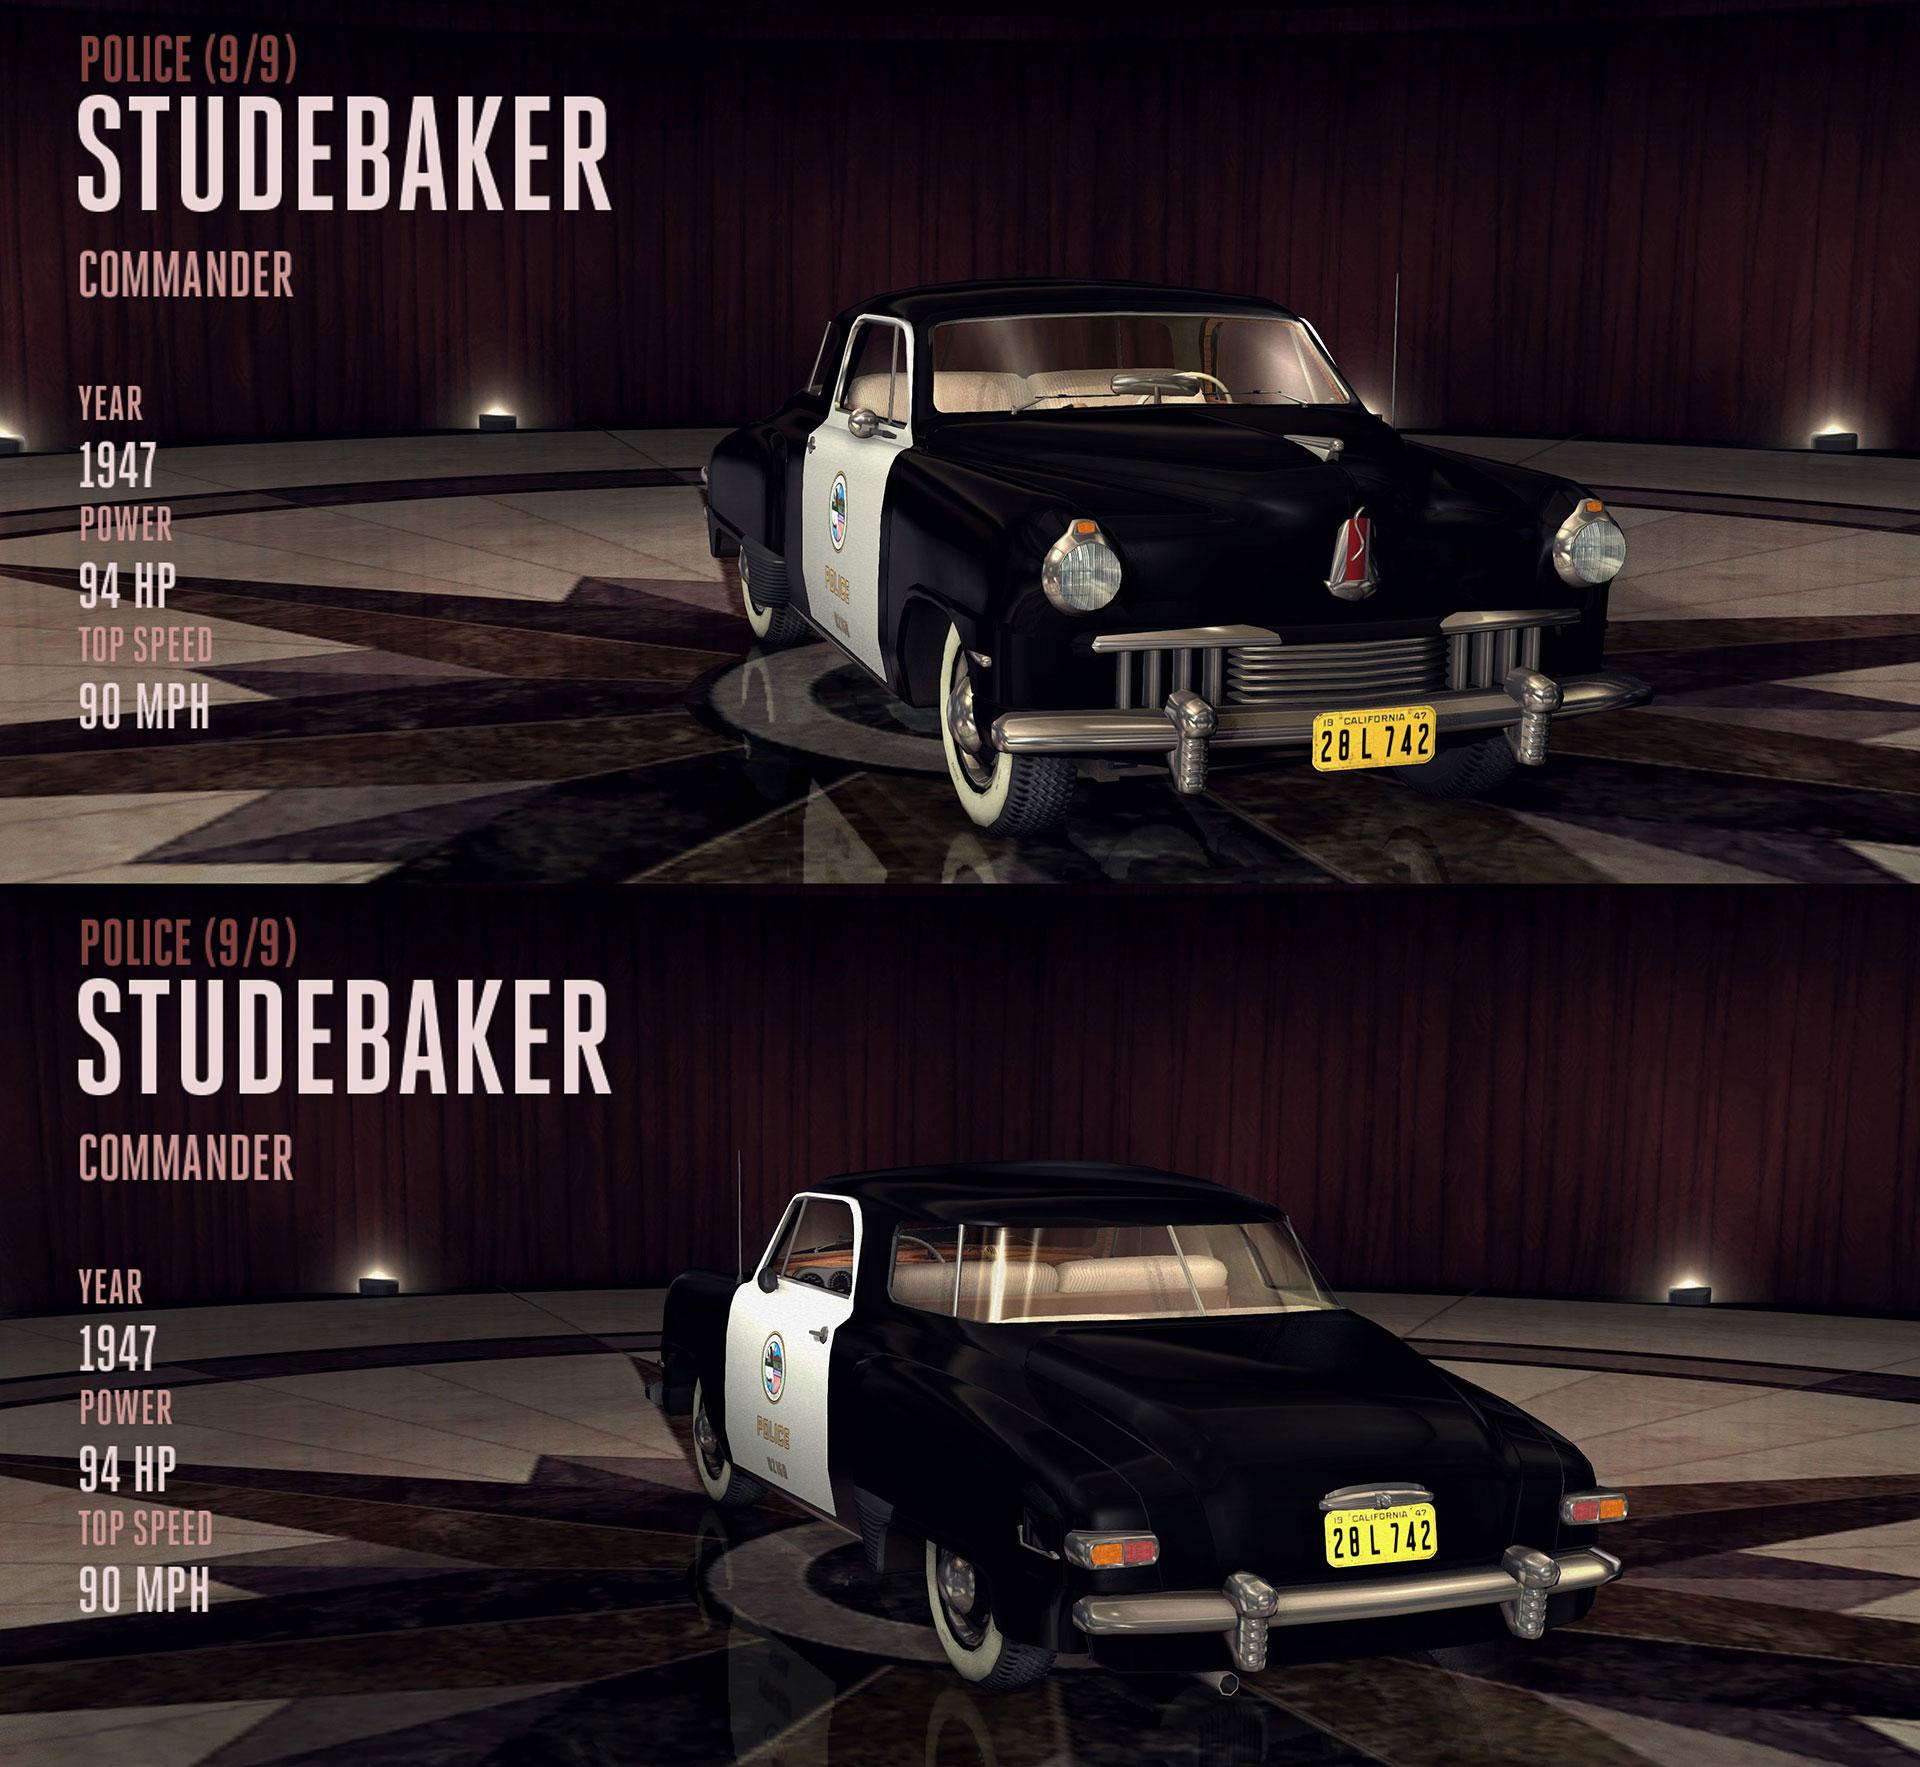 Fichier:1947-studebaker-commander.jpg